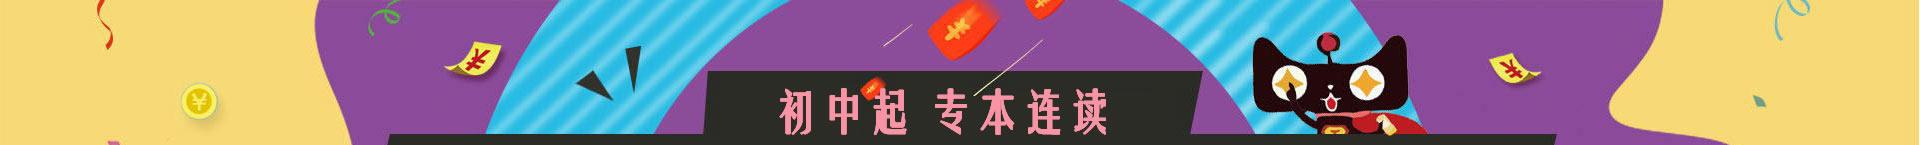 学互联网商务运营创客选云南新华,就业有保障